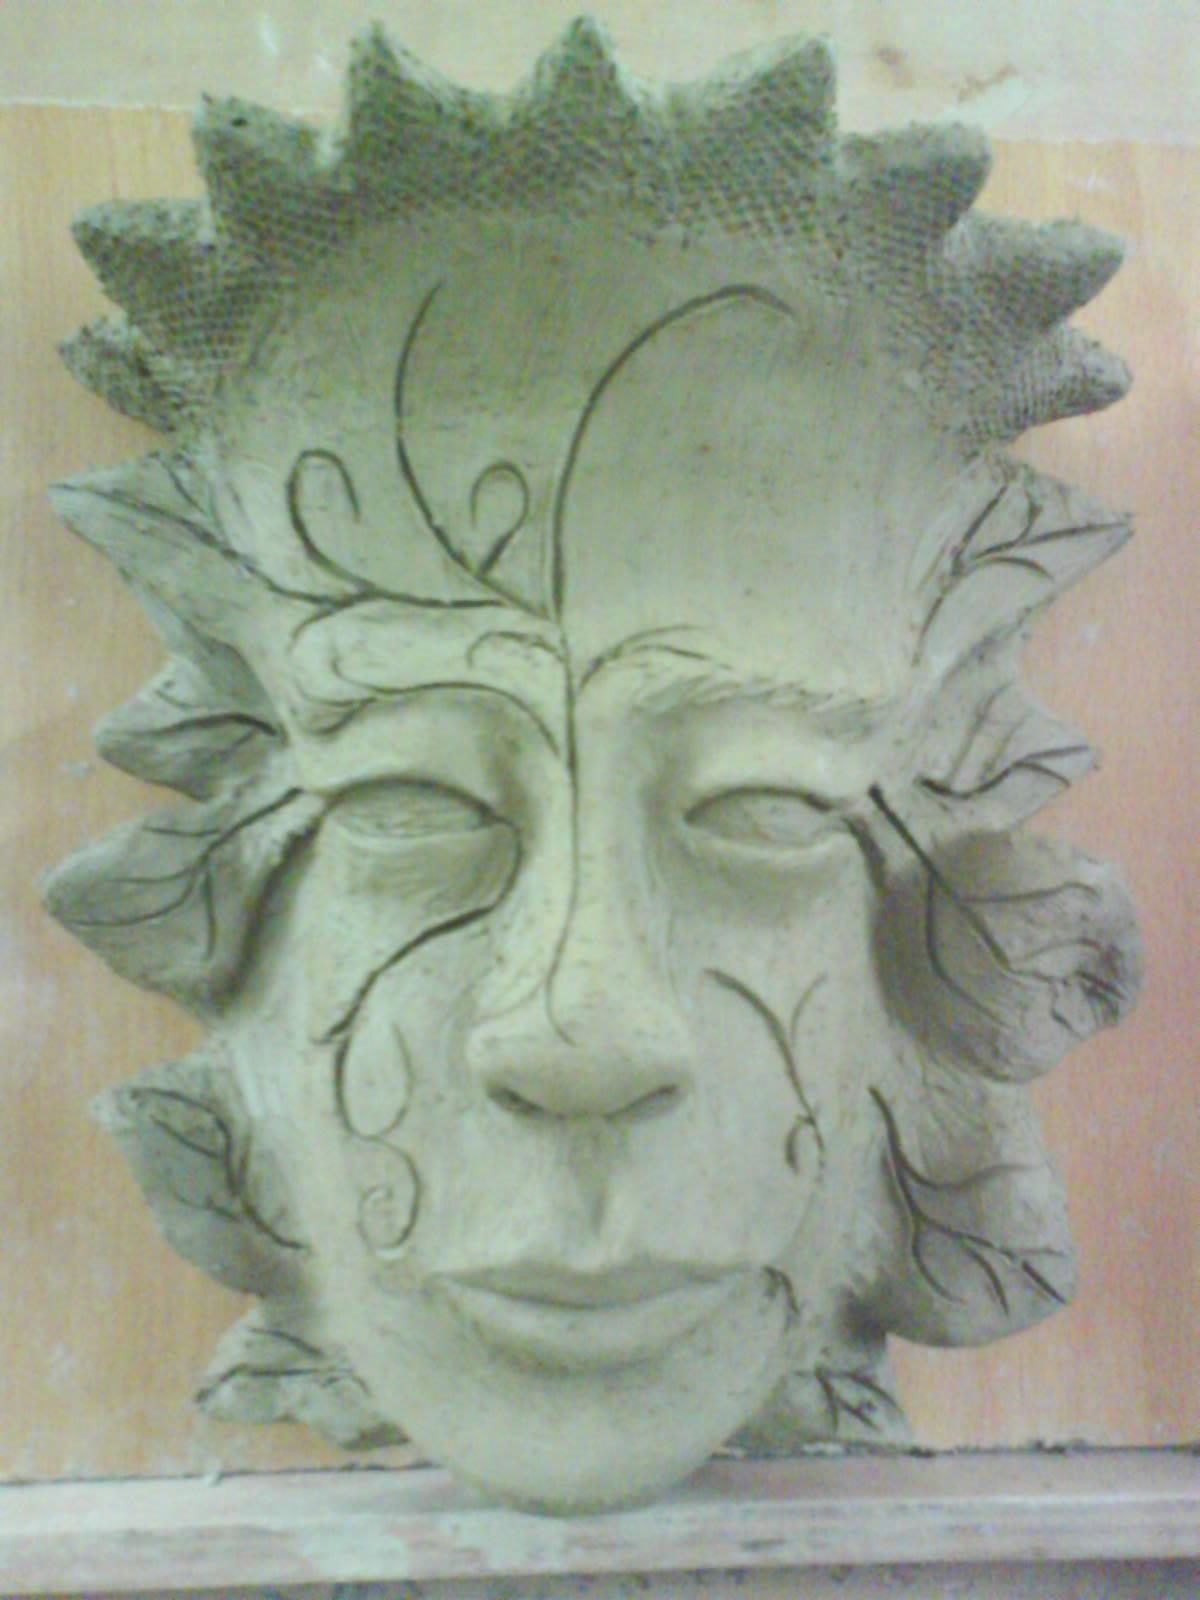 La máscara a la persona a la flaccidez de la piel